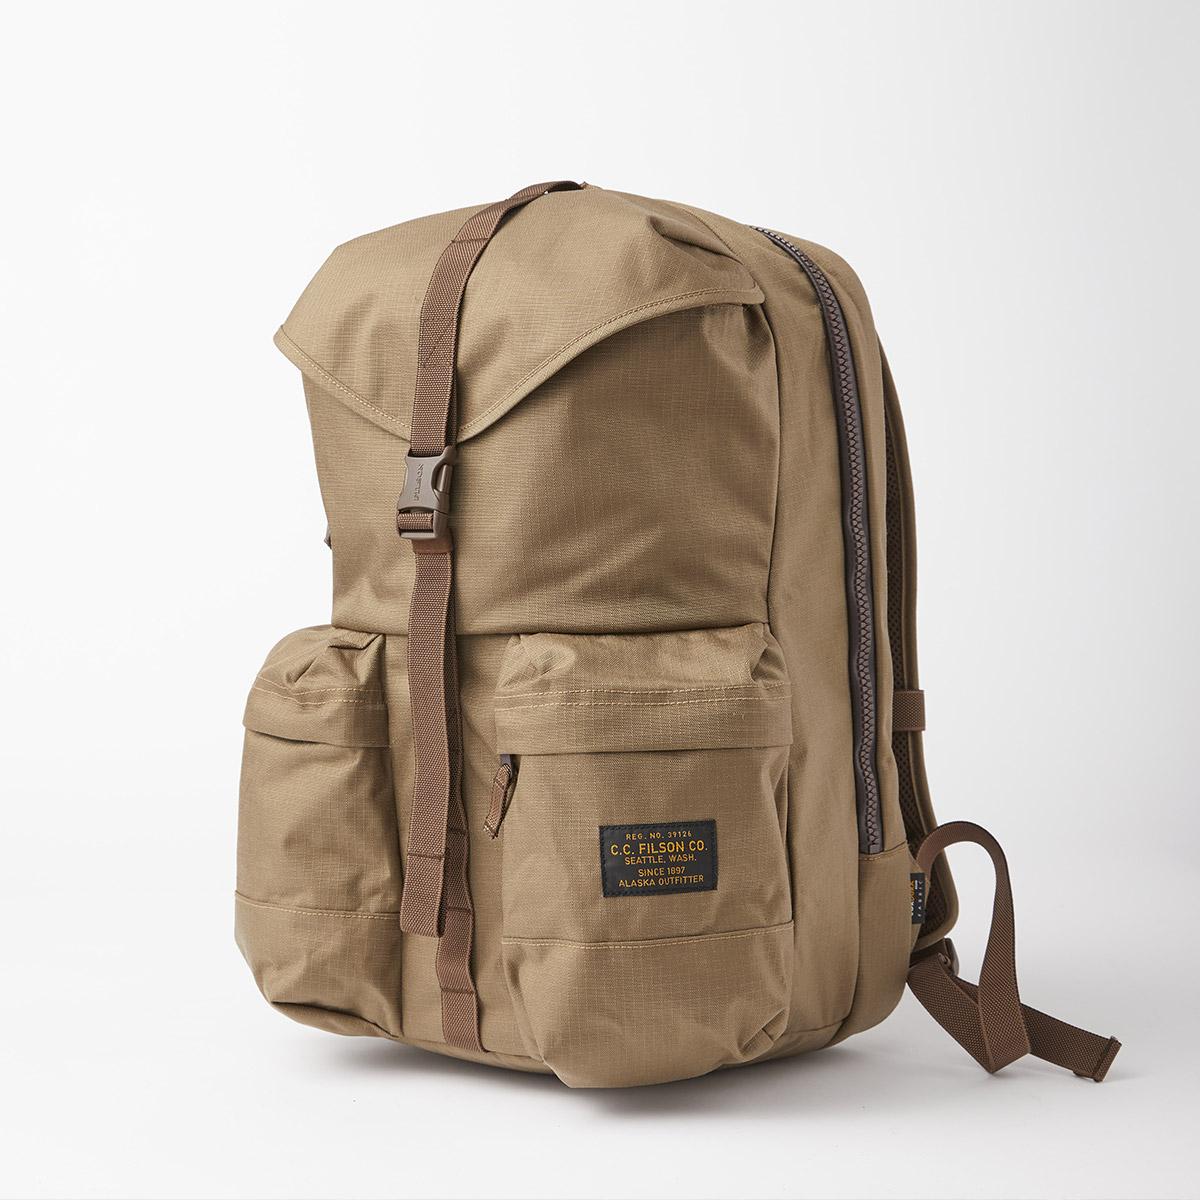 Filson Ripstop Backpack 20115929 Field Tan, Lichtgewicht en stoer, ontworpen voor comfort op lange tochten